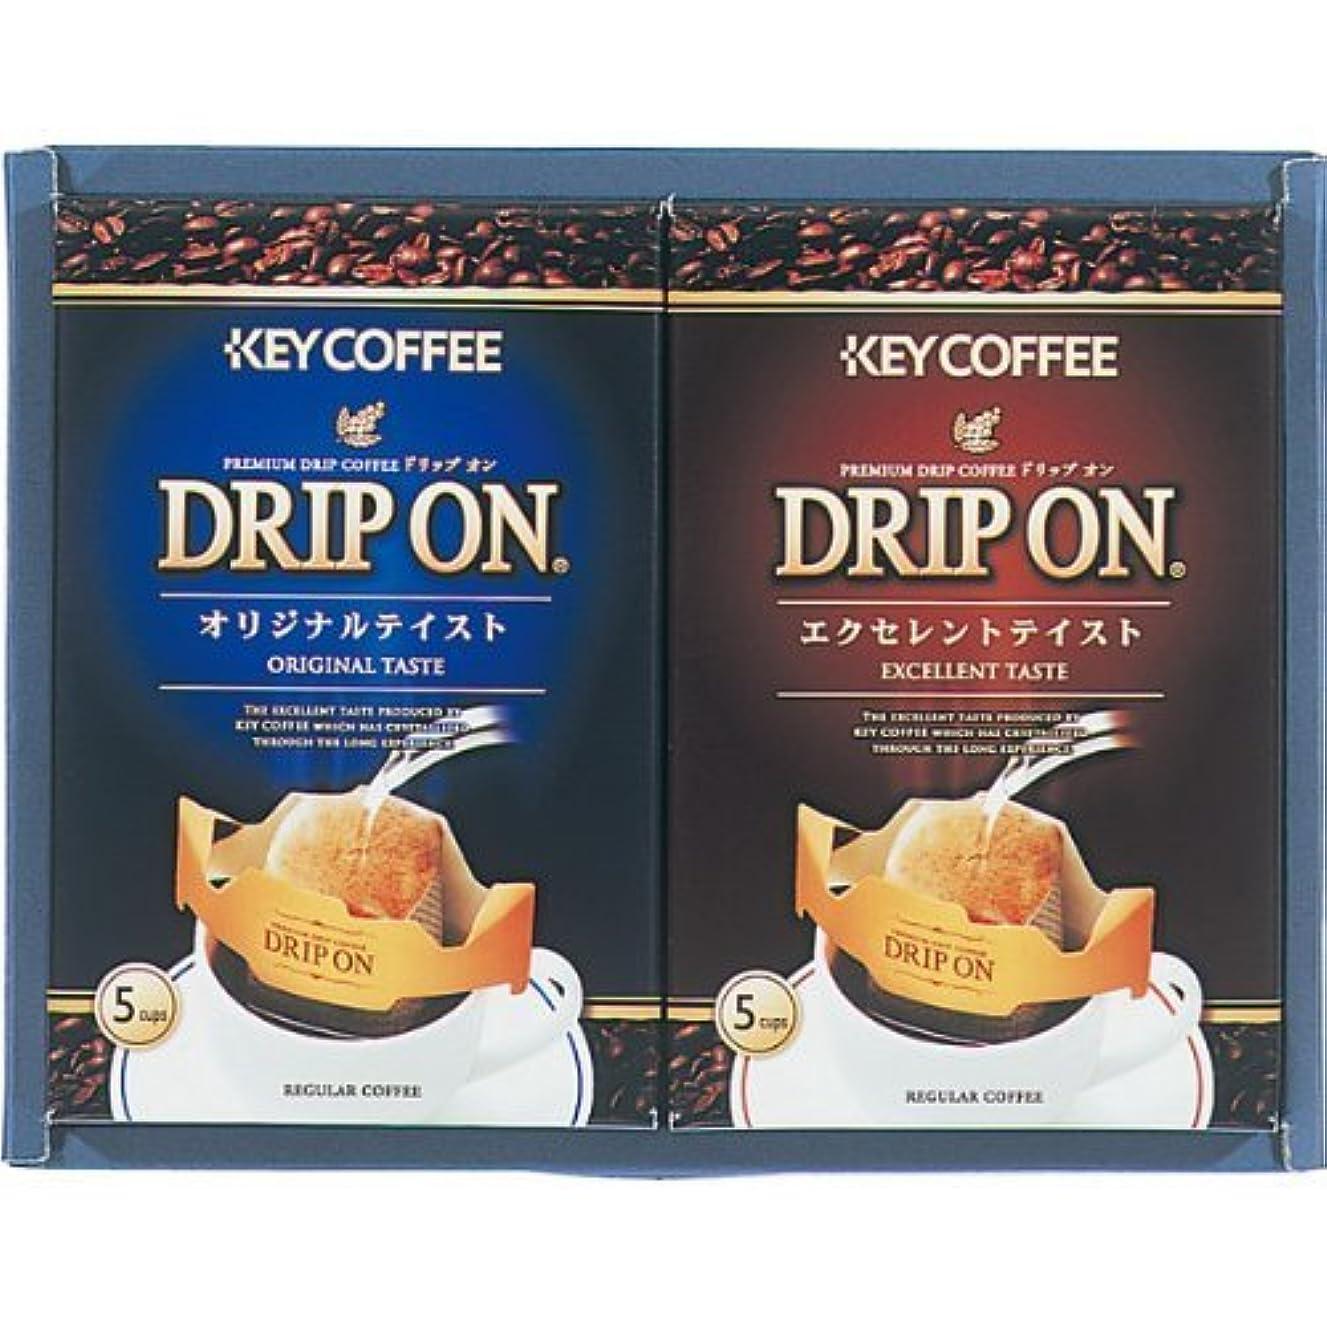 砂漠刺しますパウダーキーコーヒー ドリップオンコーヒーギフト